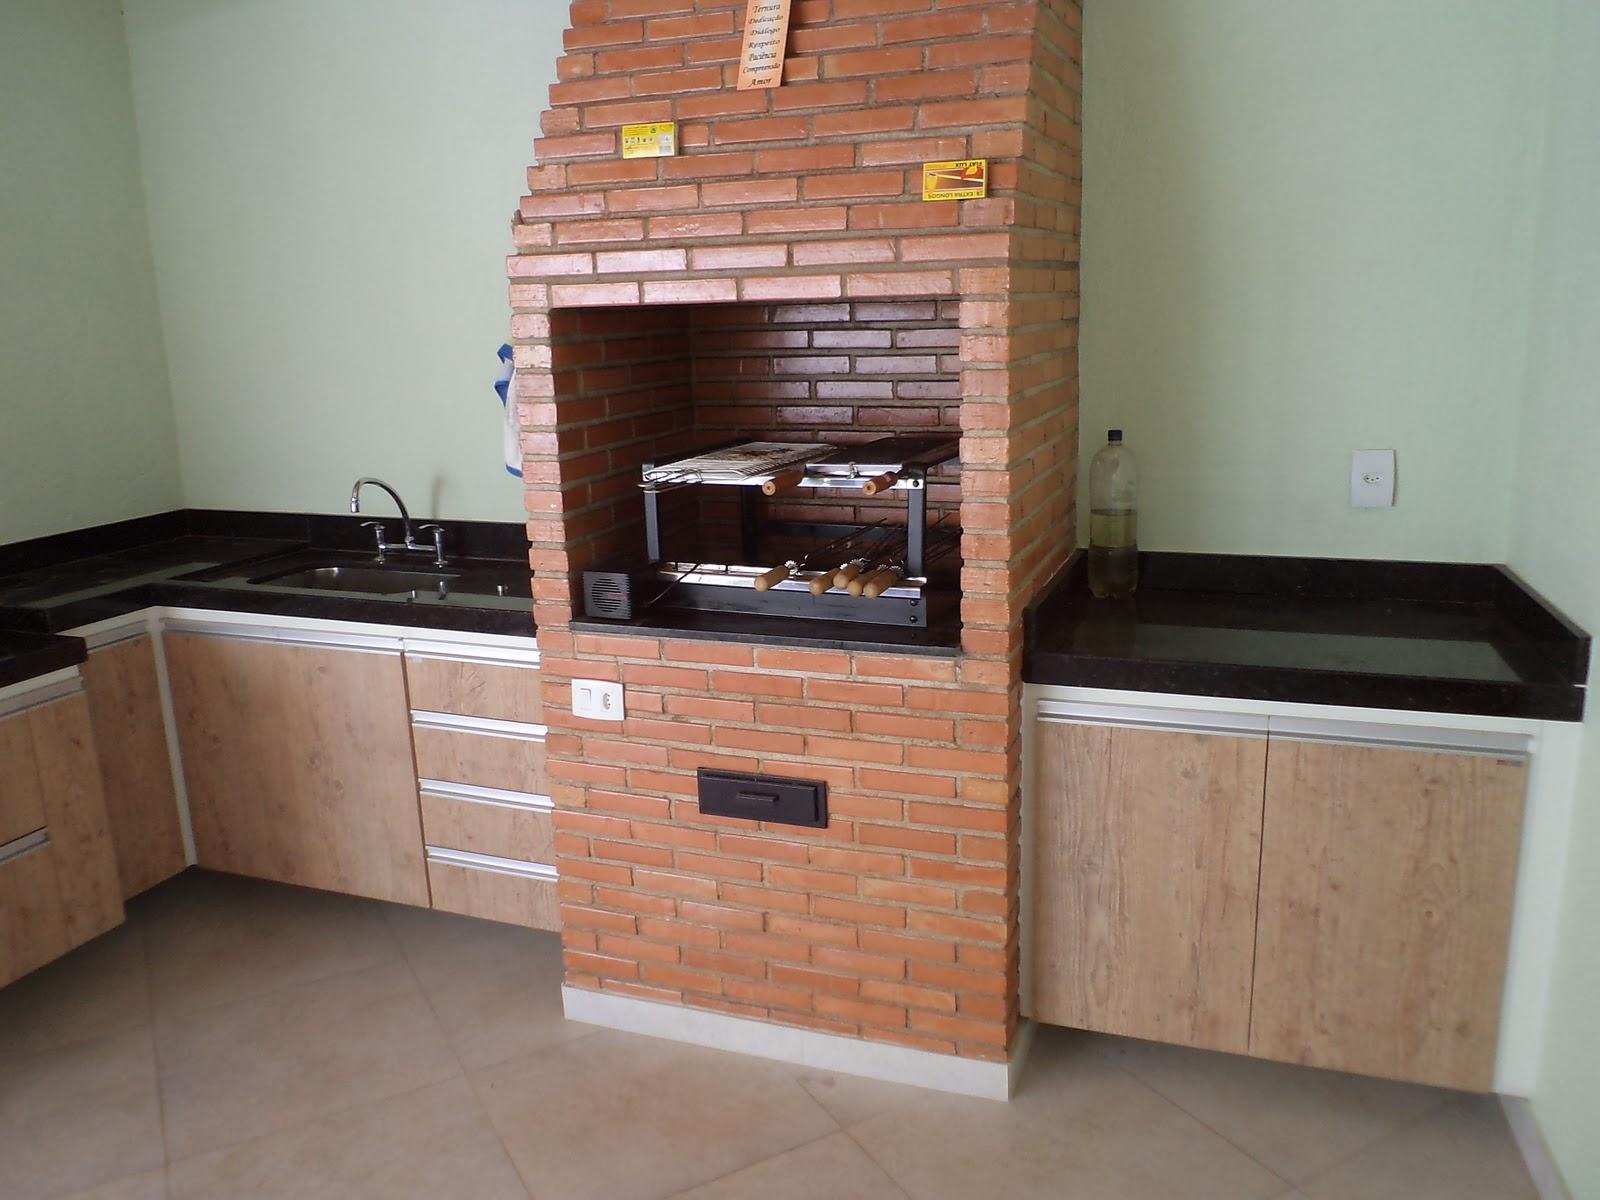 SPJ Móveis Planejados: Cozinha para área externa #8E593D 1600x1200